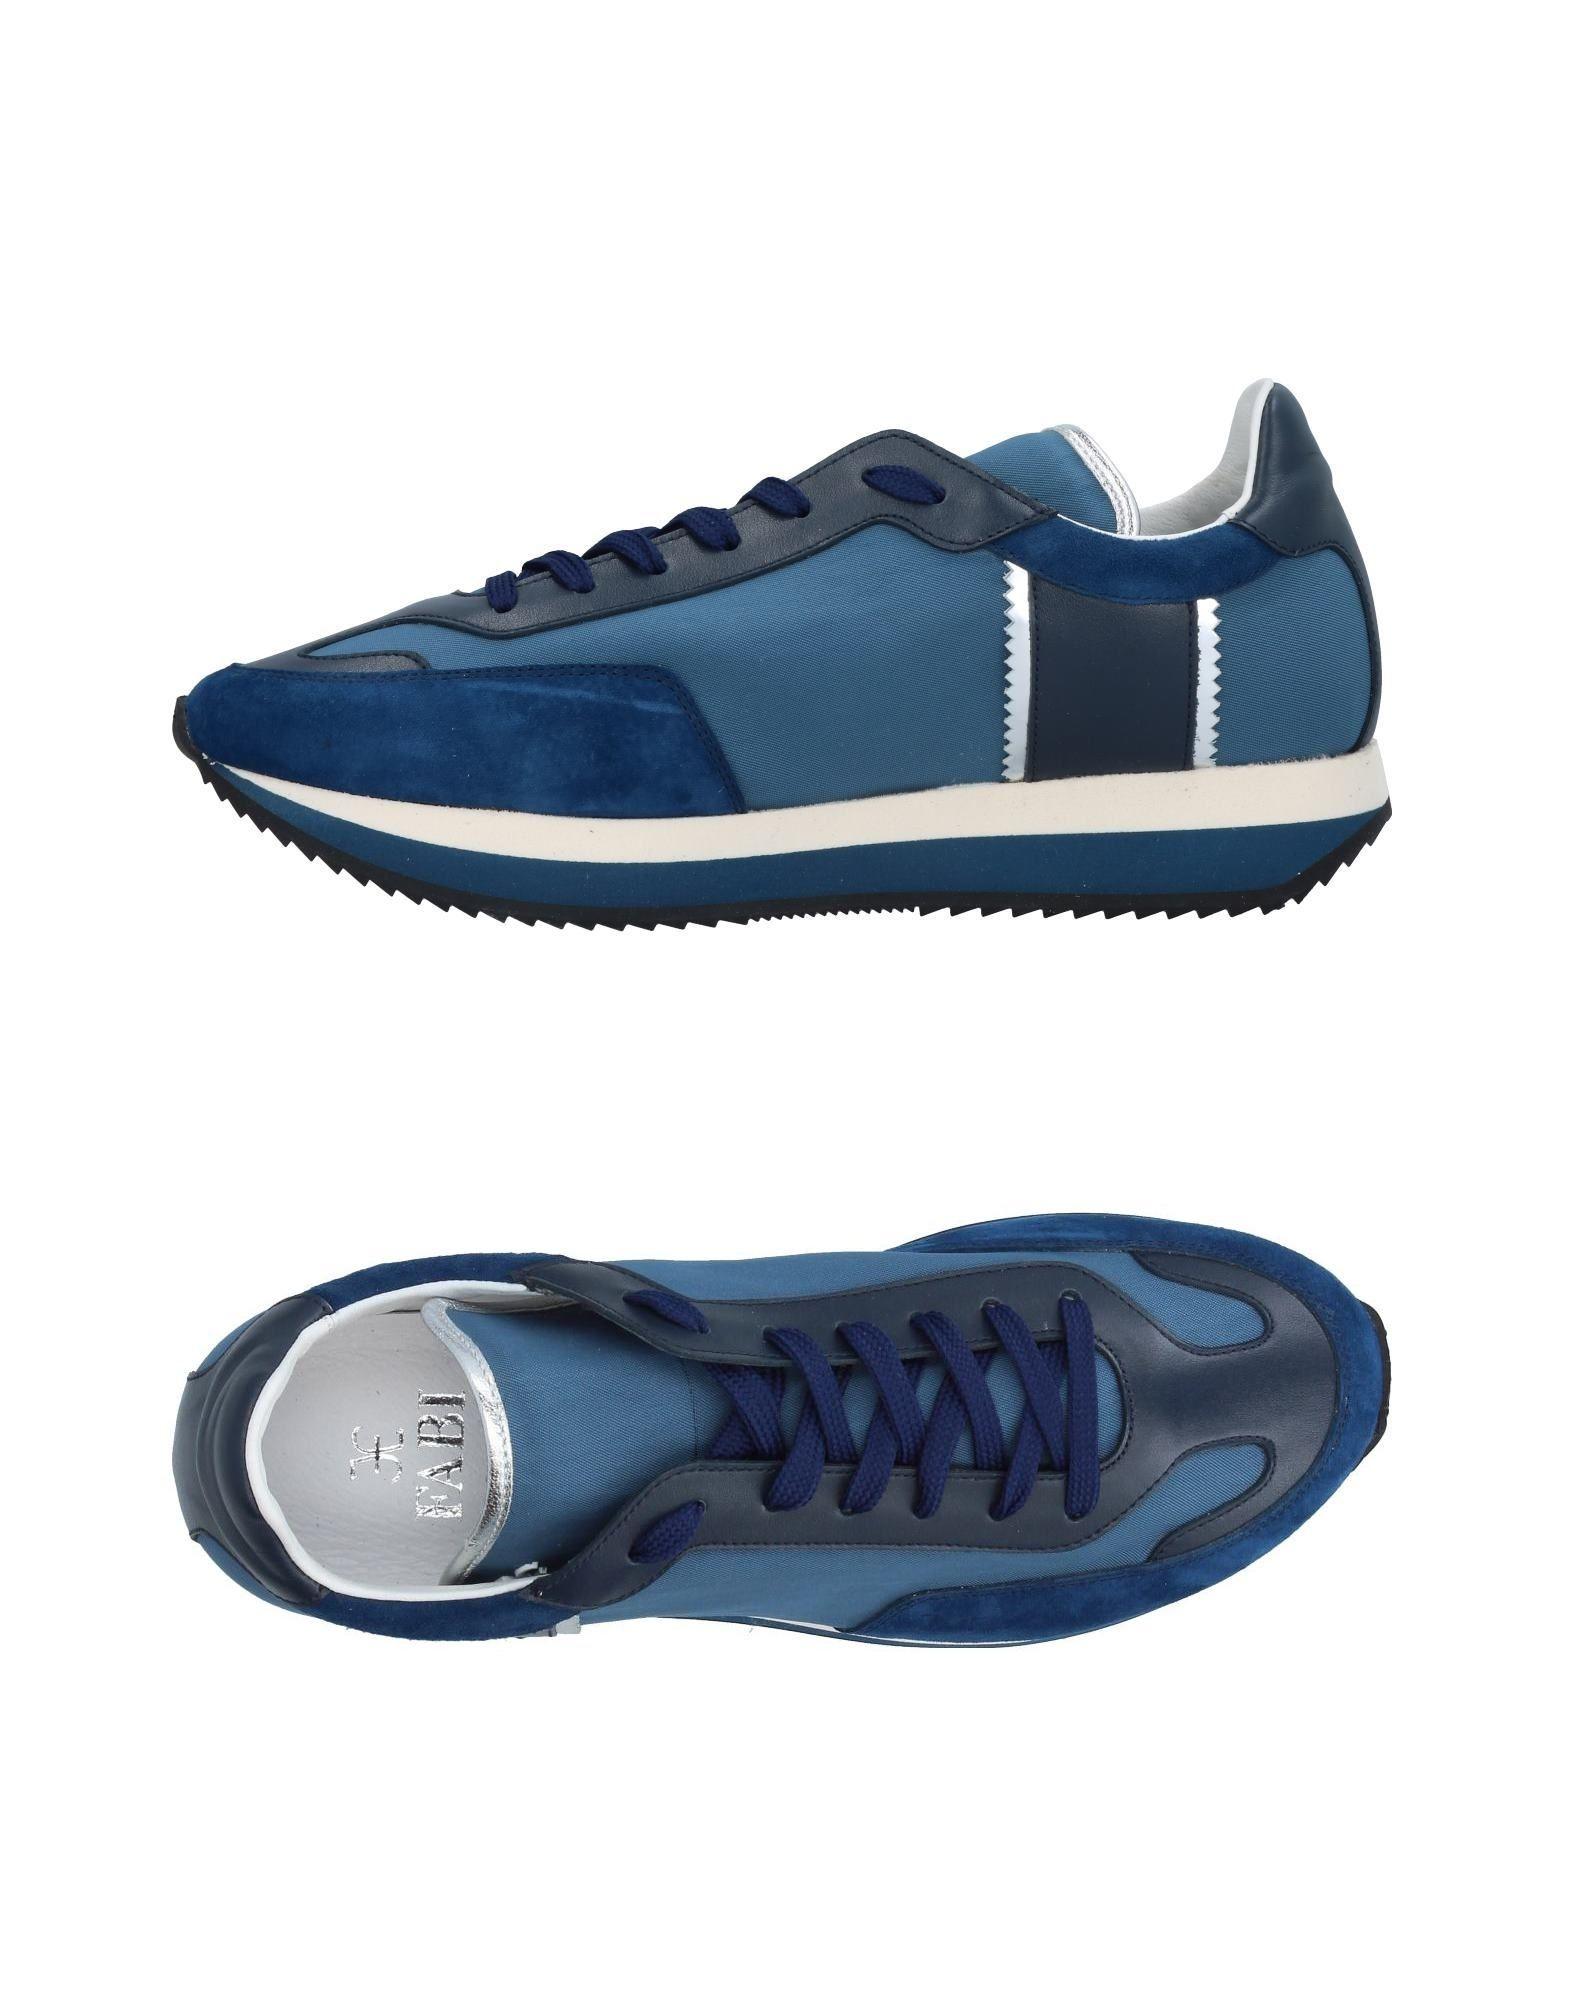 Sneakers Fabi Homme - Sneakers Fabi  Bleu foncé Réduction de prix saisonnier, remise